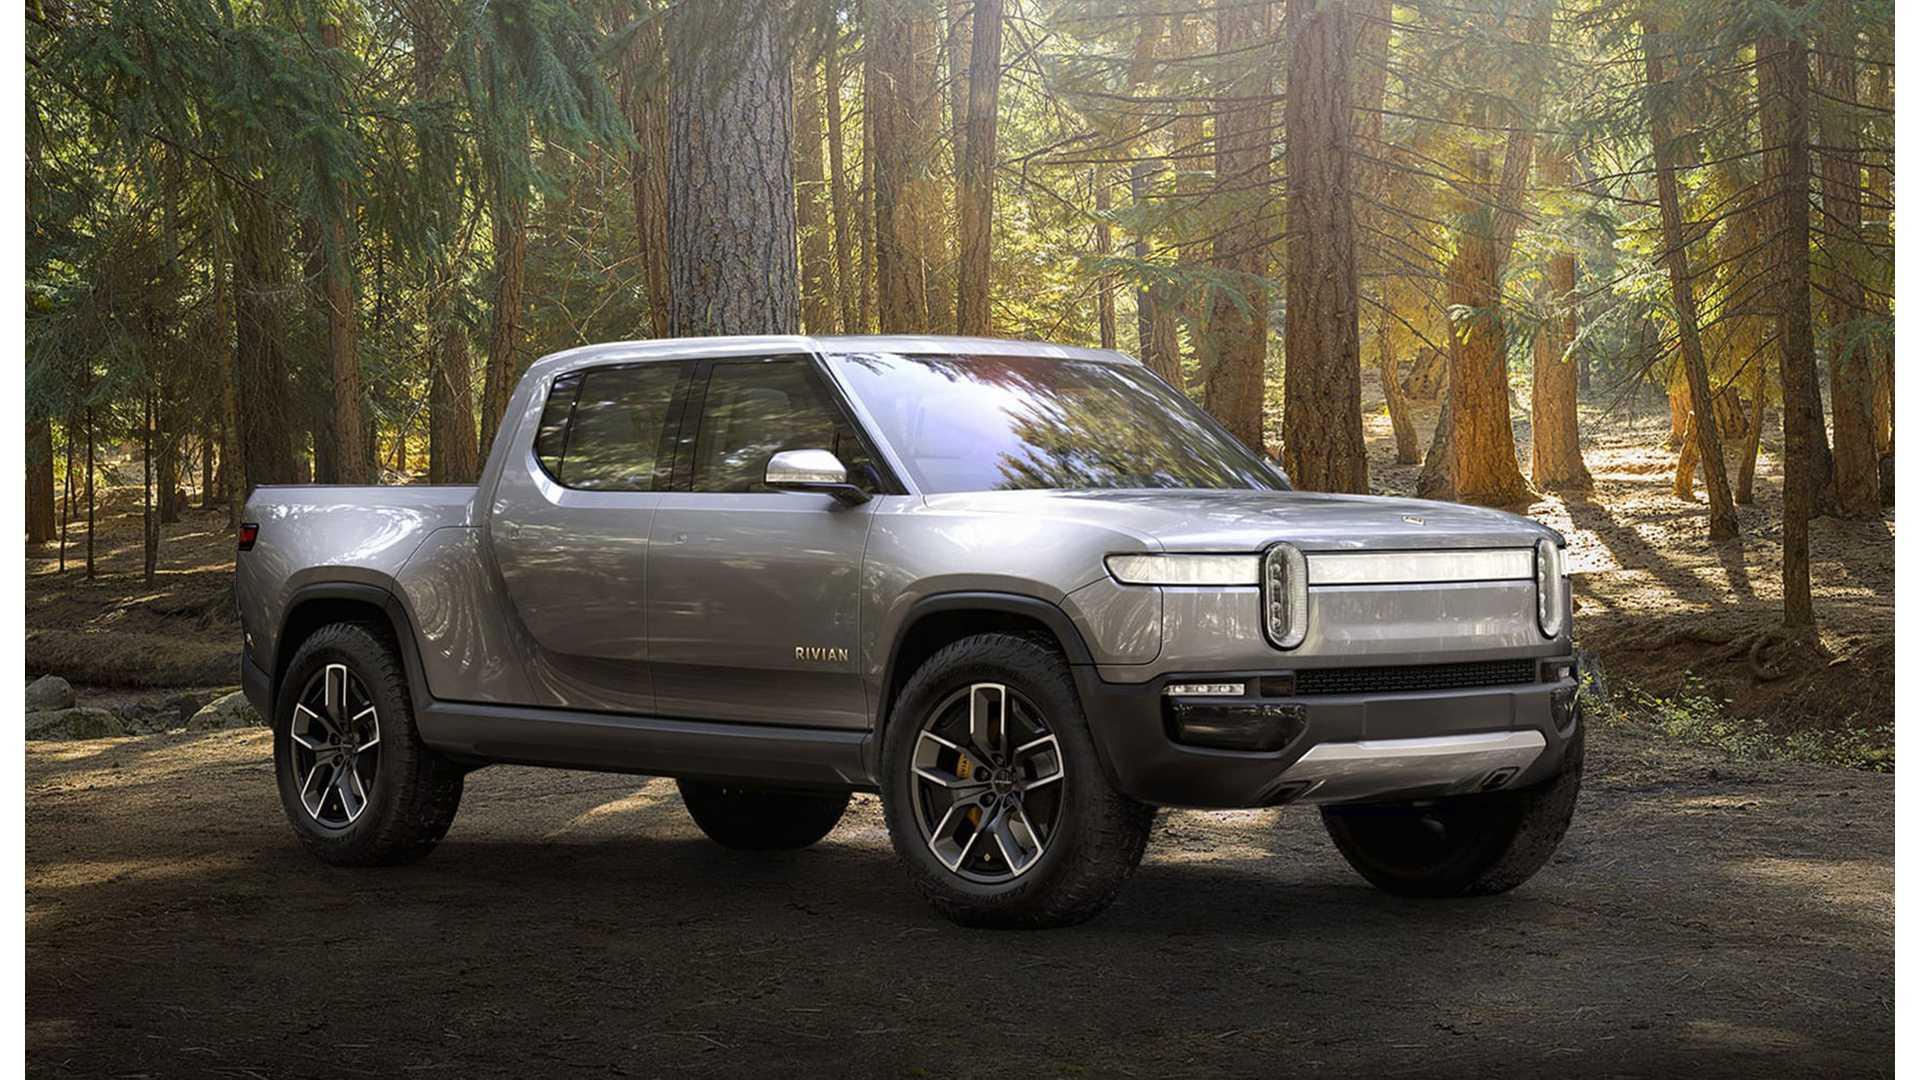 Rivian R1T Truck & R1S SUV Will Challenge Tesla Dominance